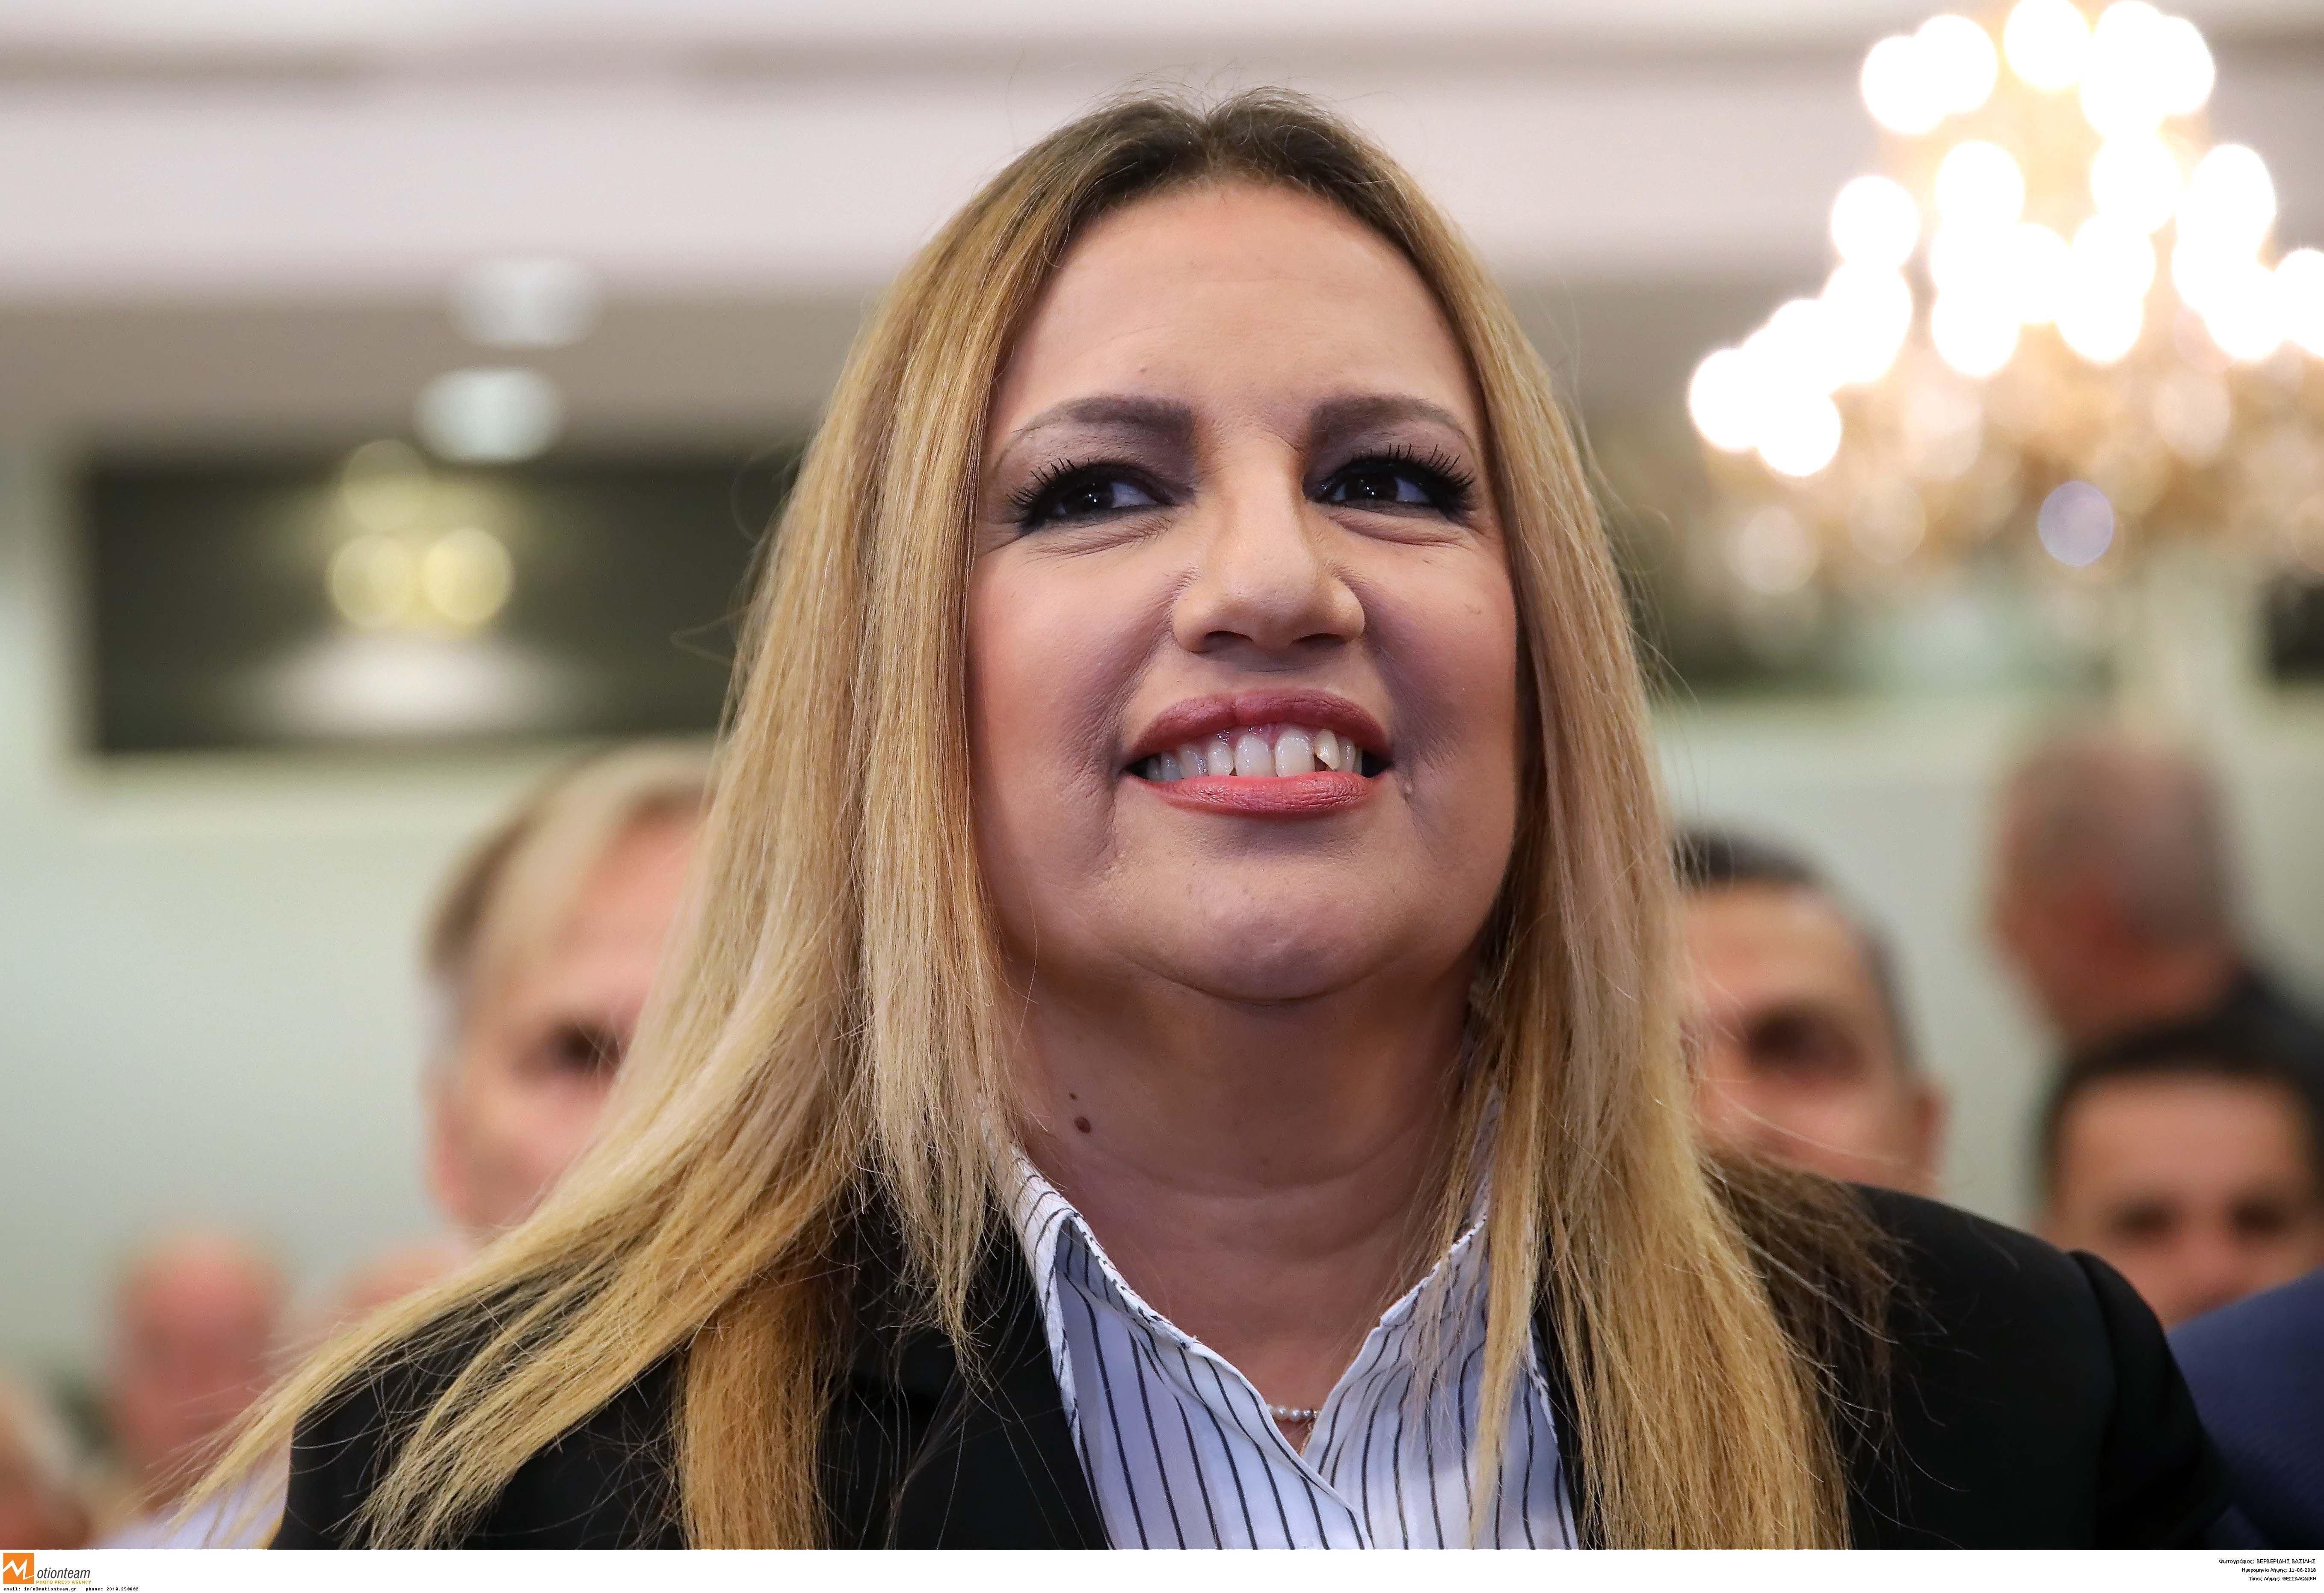 Η ελληνική οικονομία και ο ρόλος της Ελλάδας στα Βαλκάνια στο επίκεντρο της συνάντησης